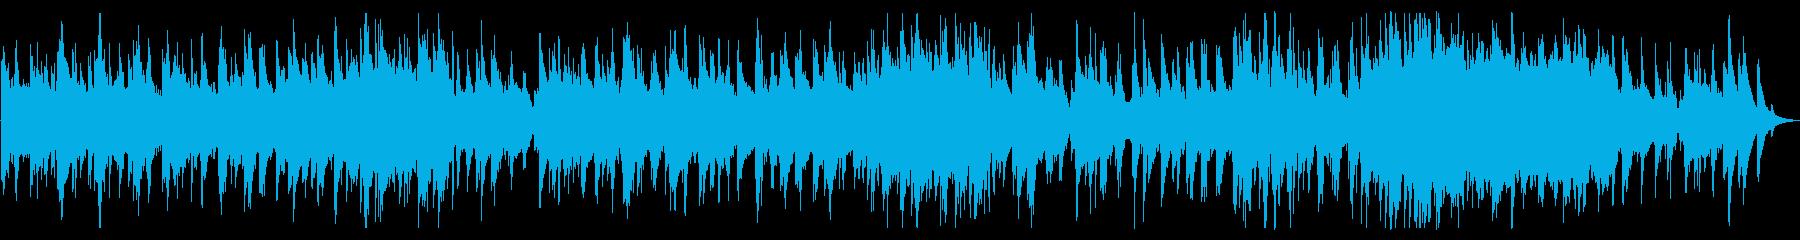 「仰げば尊し」スムースジャズバージョンの再生済みの波形